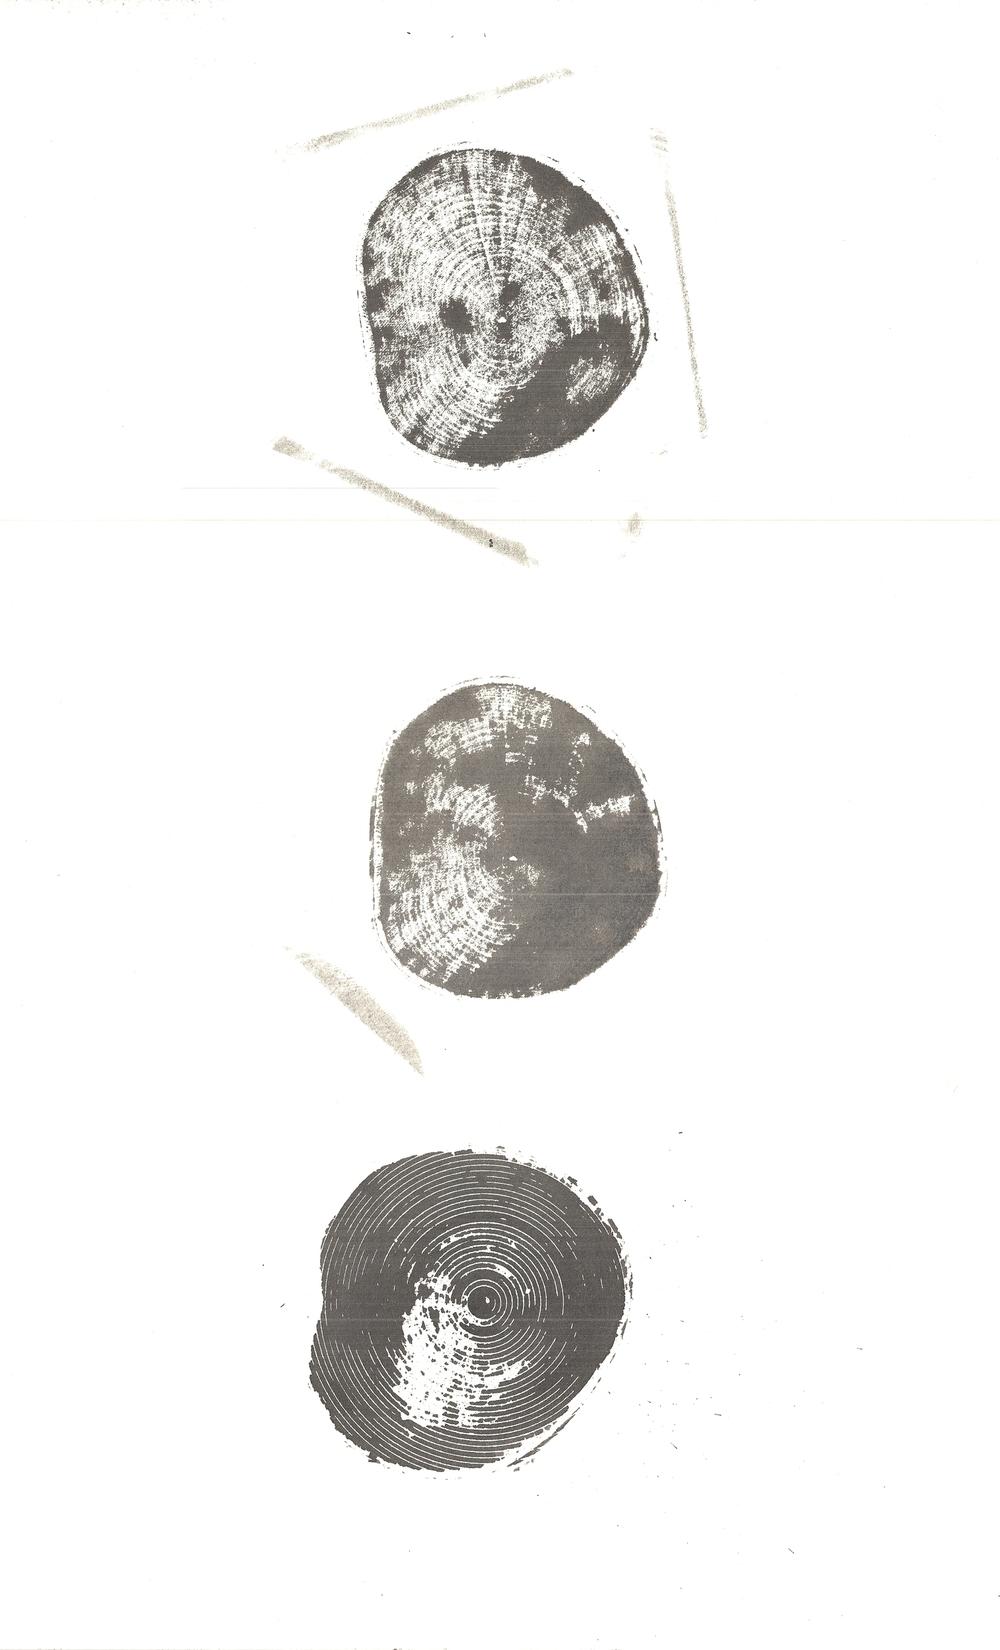 TreeScan003.jpg